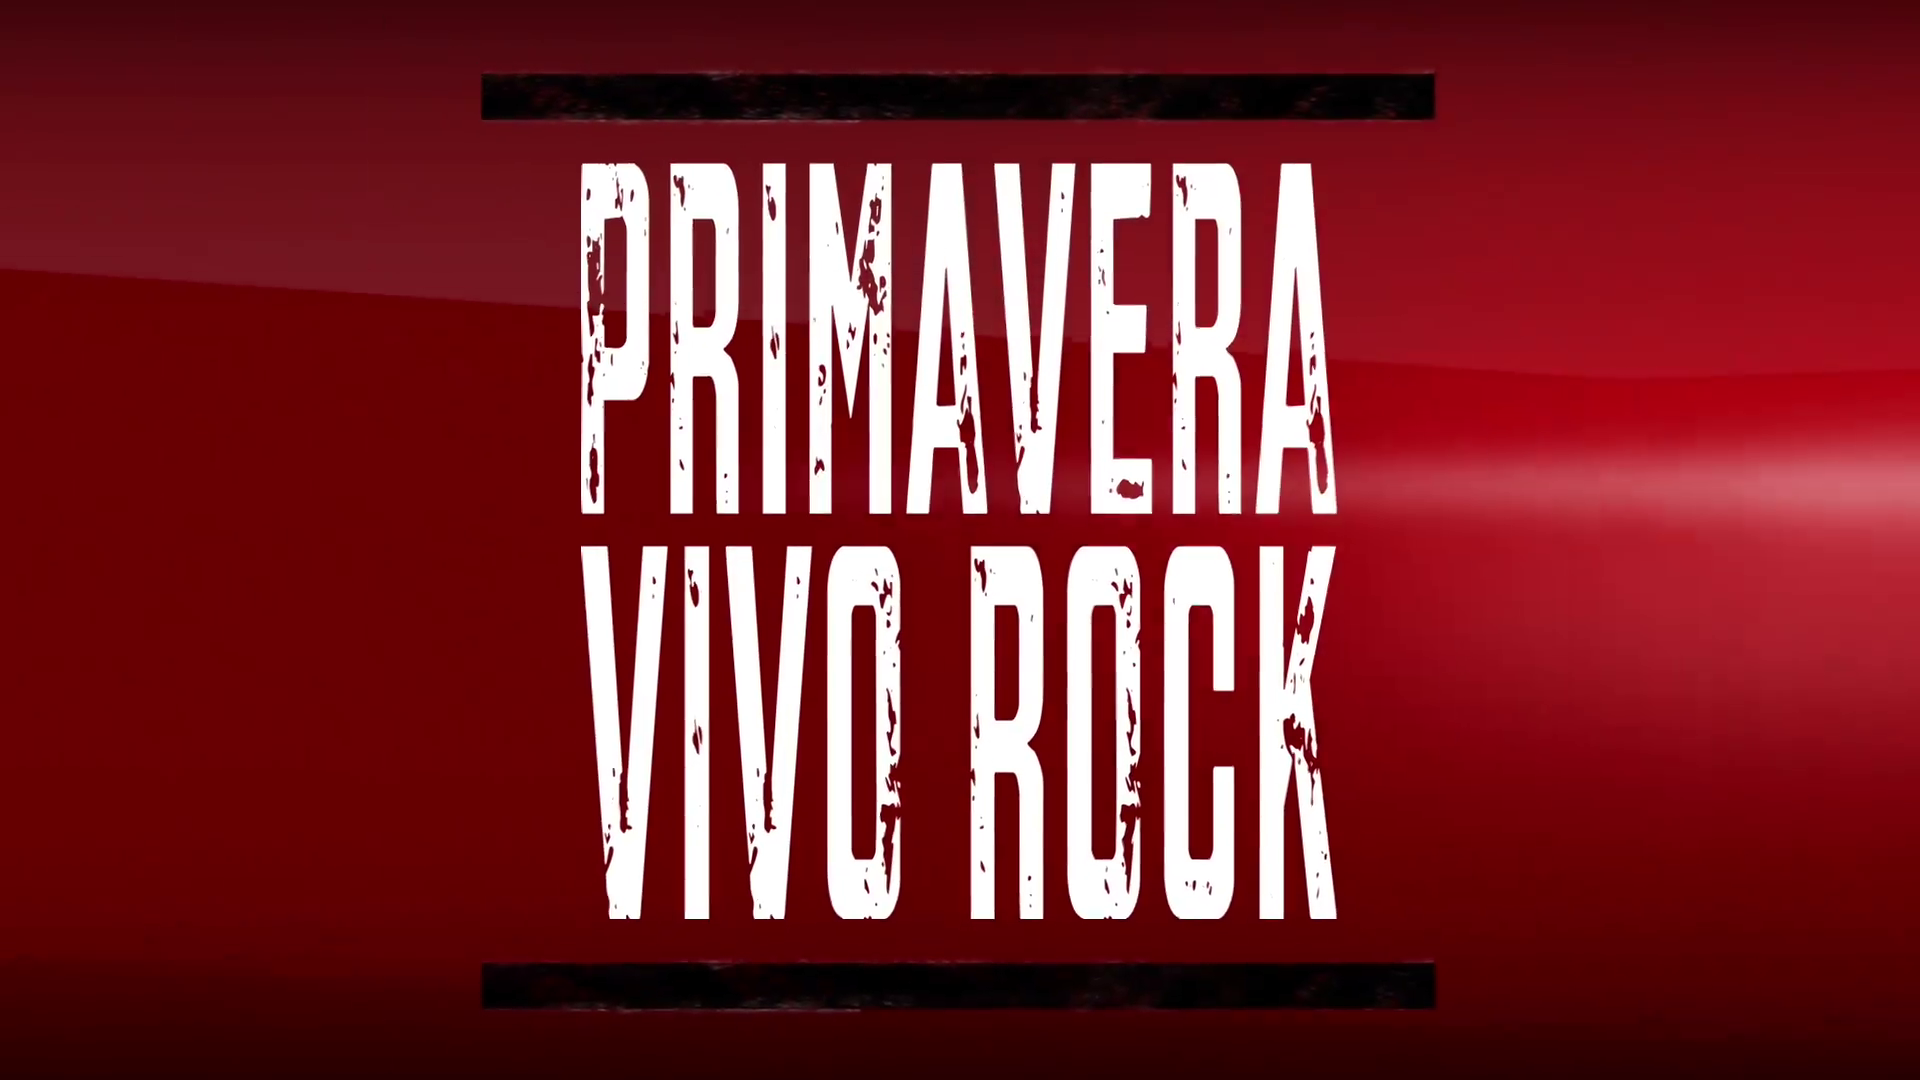 Tardes de Radio en Creedence con Vivo Rock.